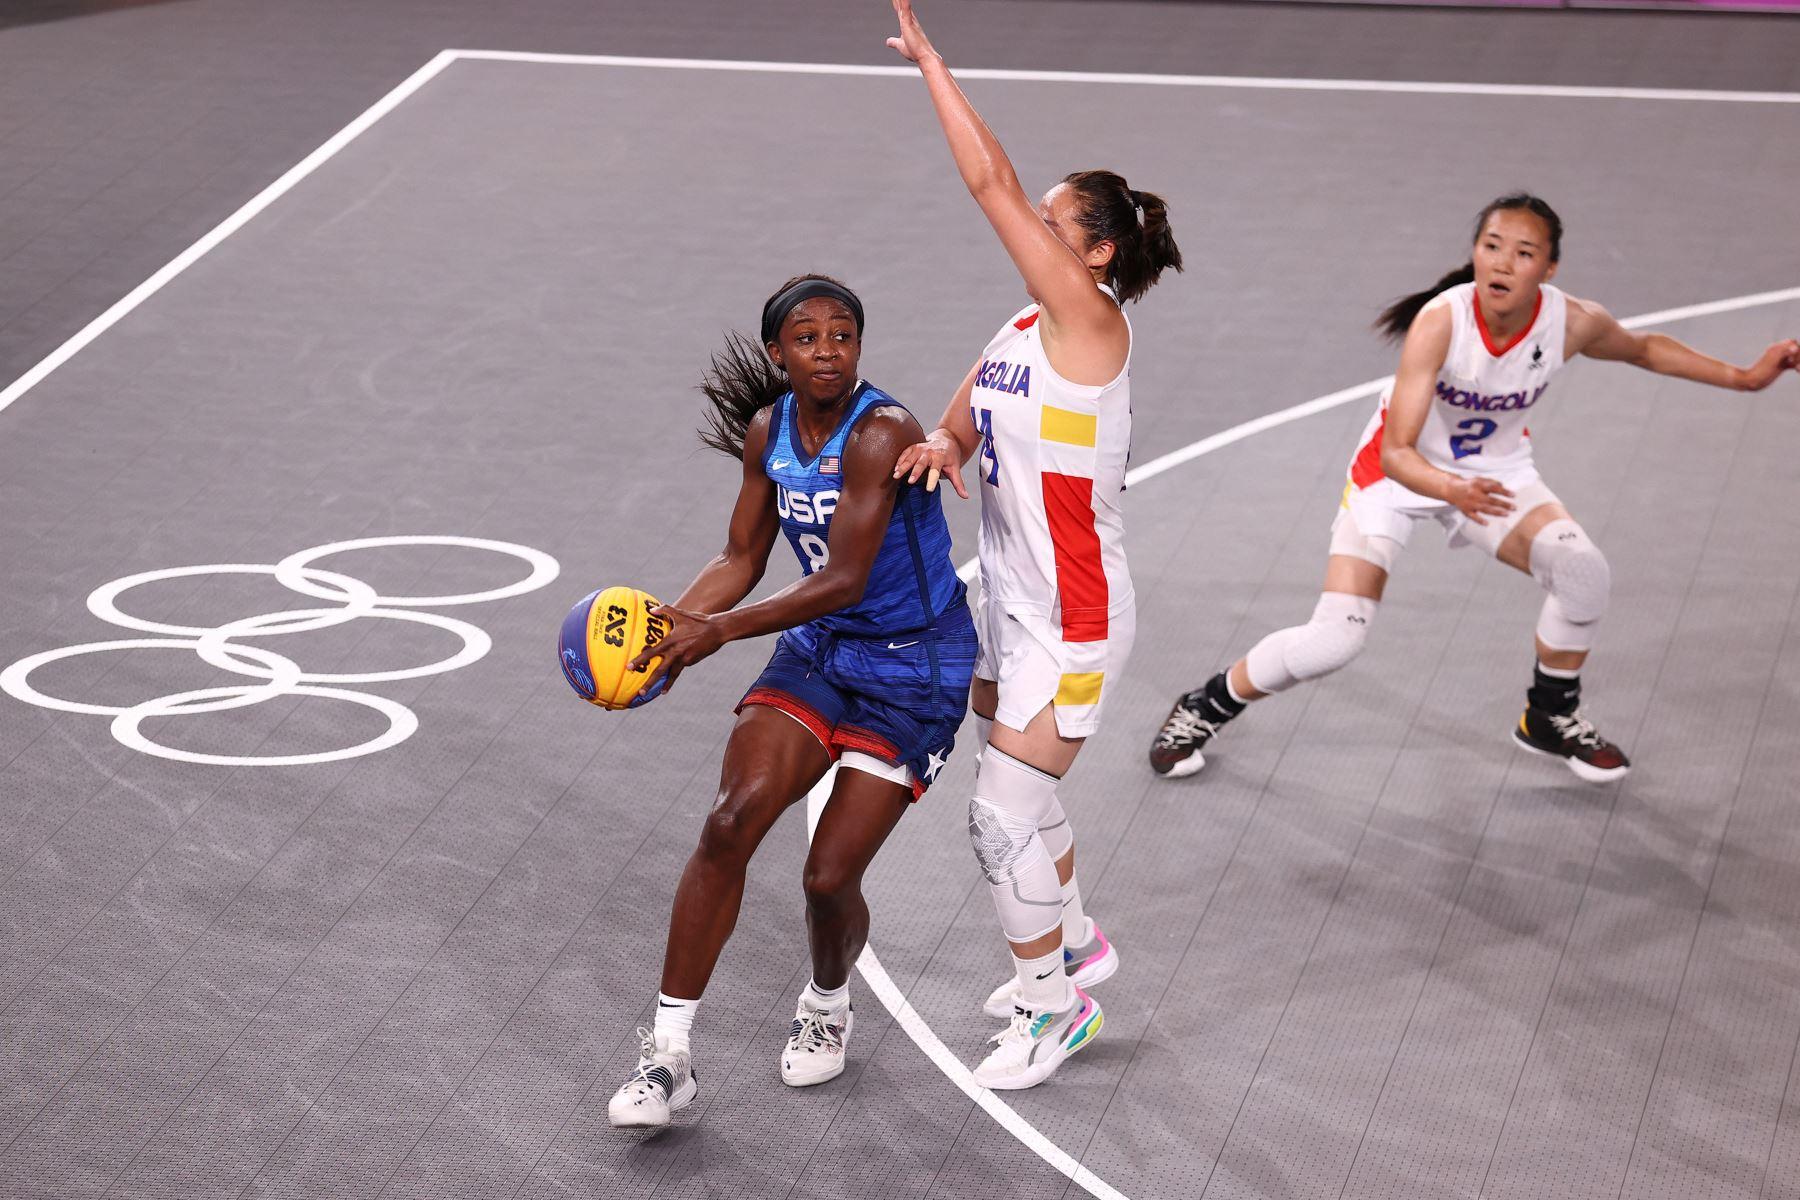 Jackie Young del Equipo Nacional de Mujeres de EE. UU. busca pasar el balón contra el Equipo Nacional de Mujeres de Mongolia durante los Juegos Olímpicos de Tokio 2020. Foto: AFP